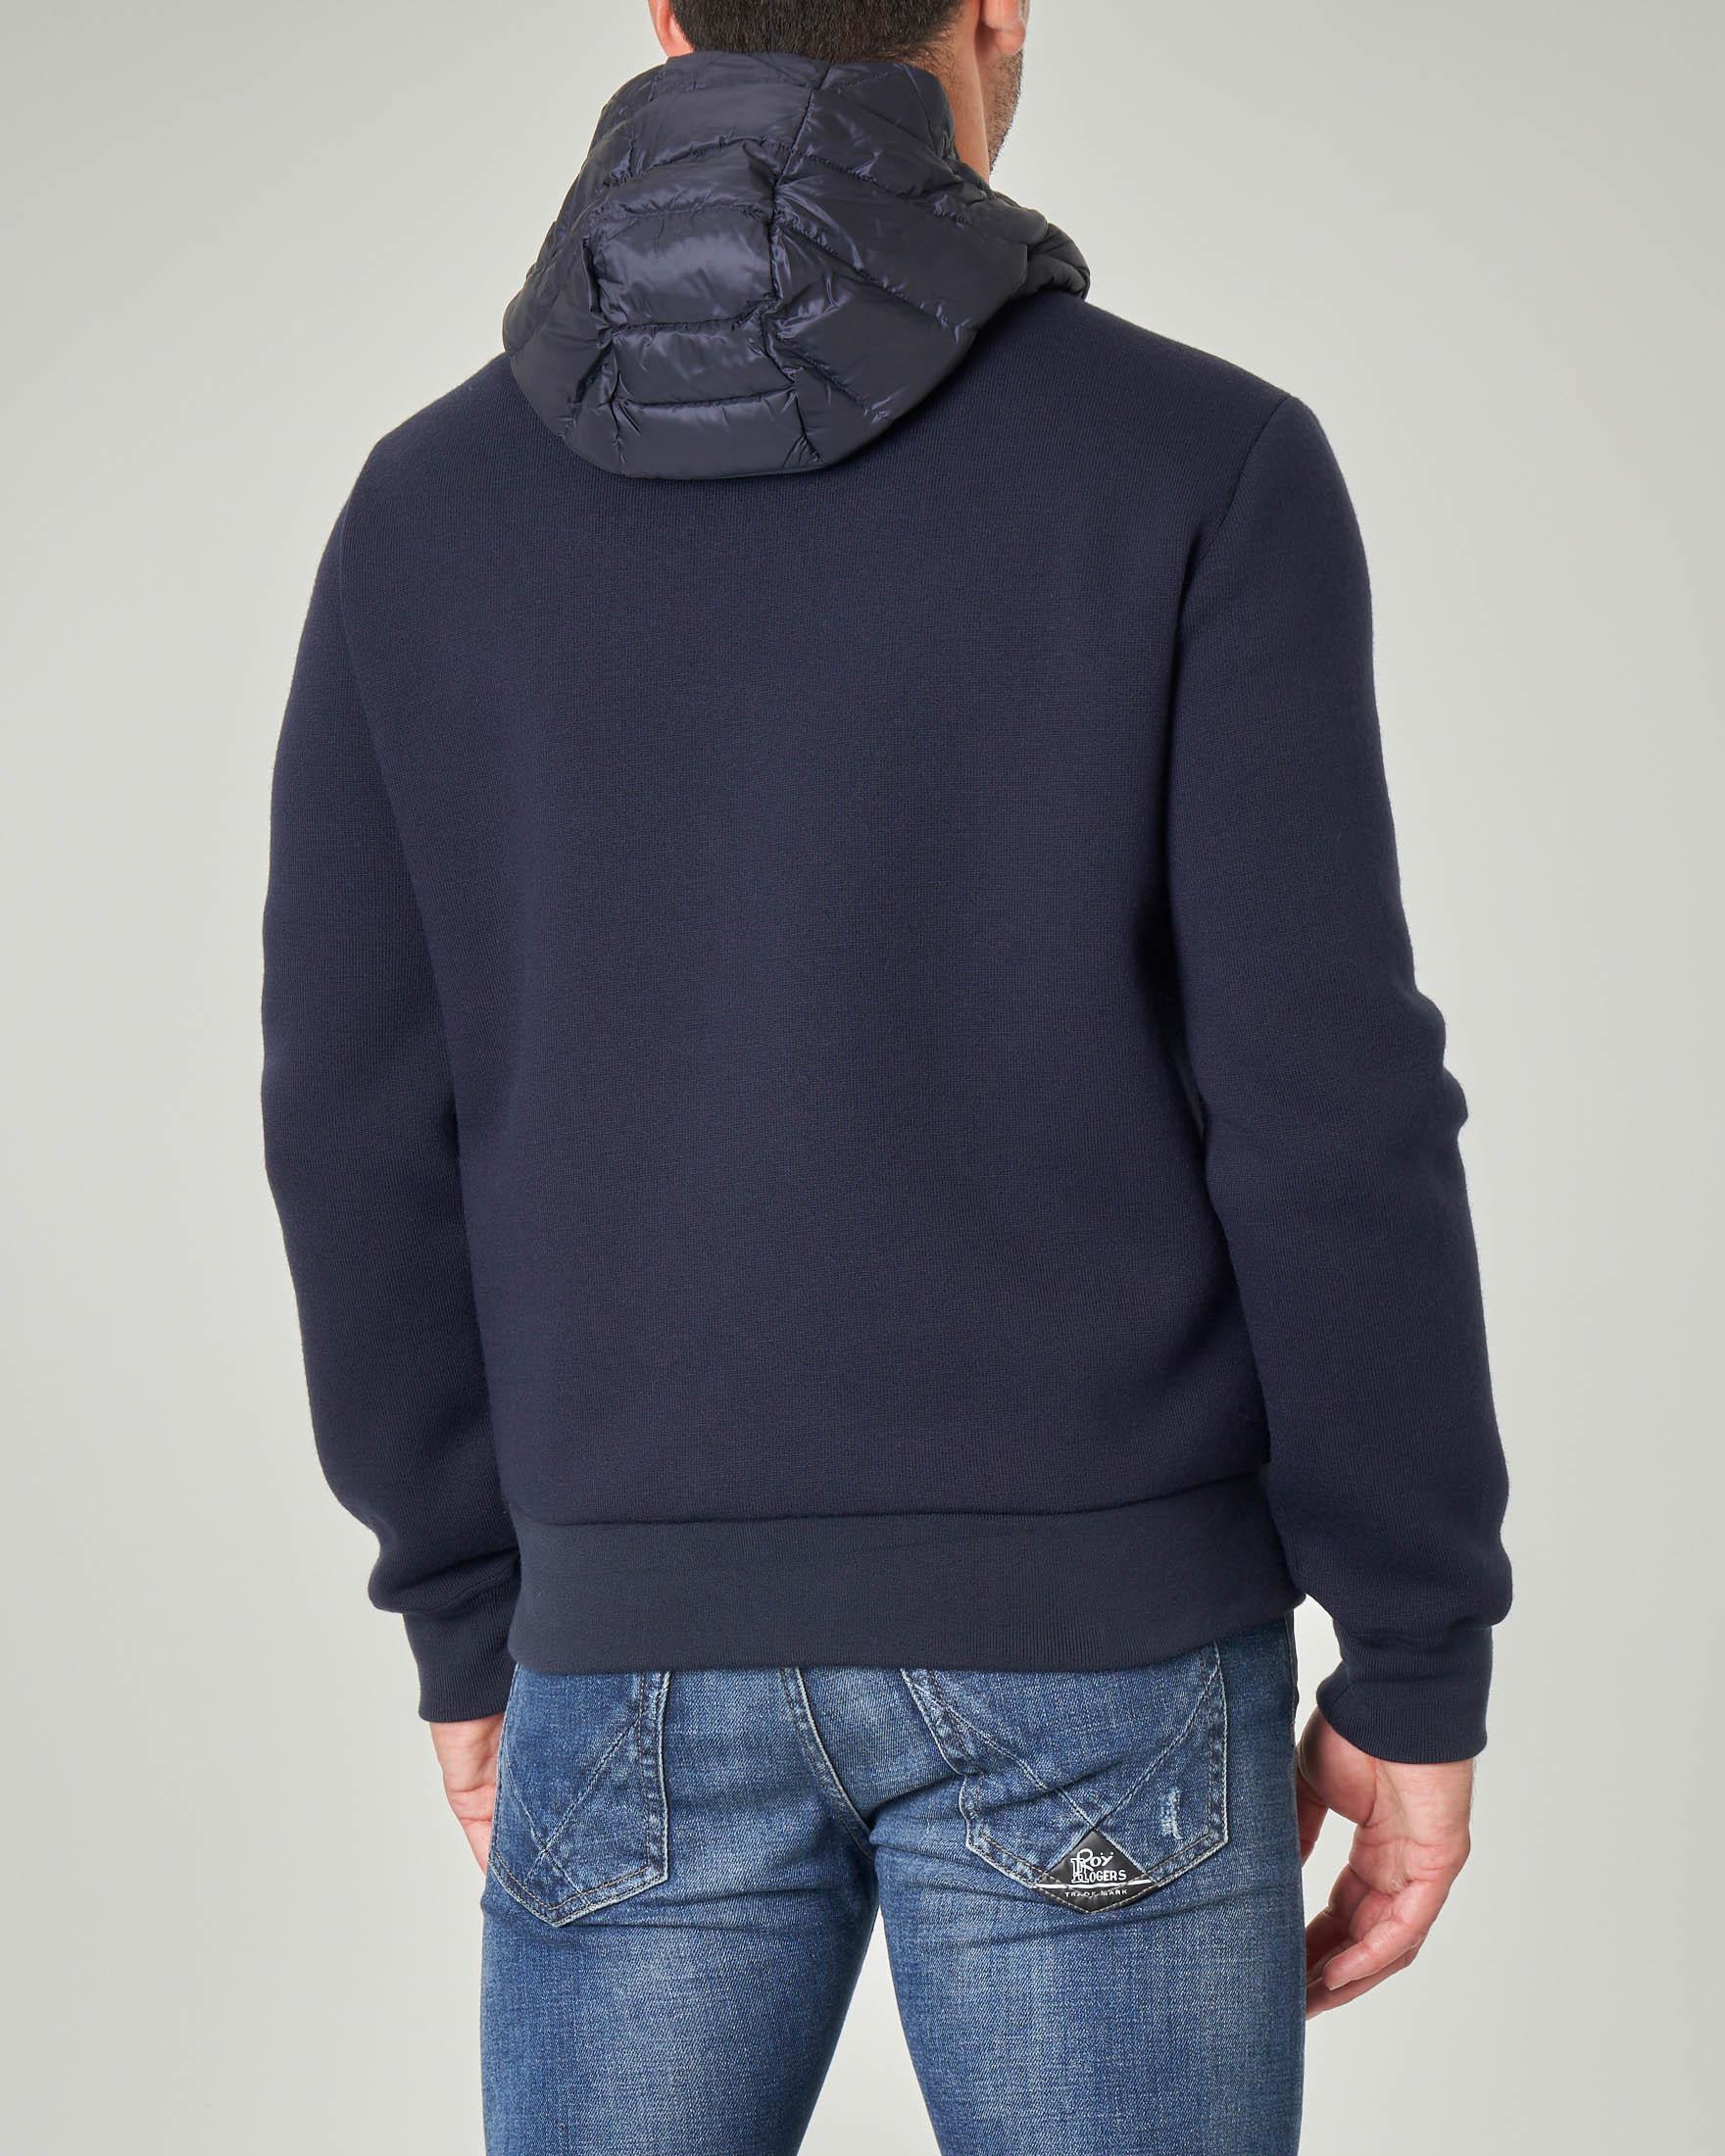 Giacca blu bitessuto con inserti in nylon e lana tecnica